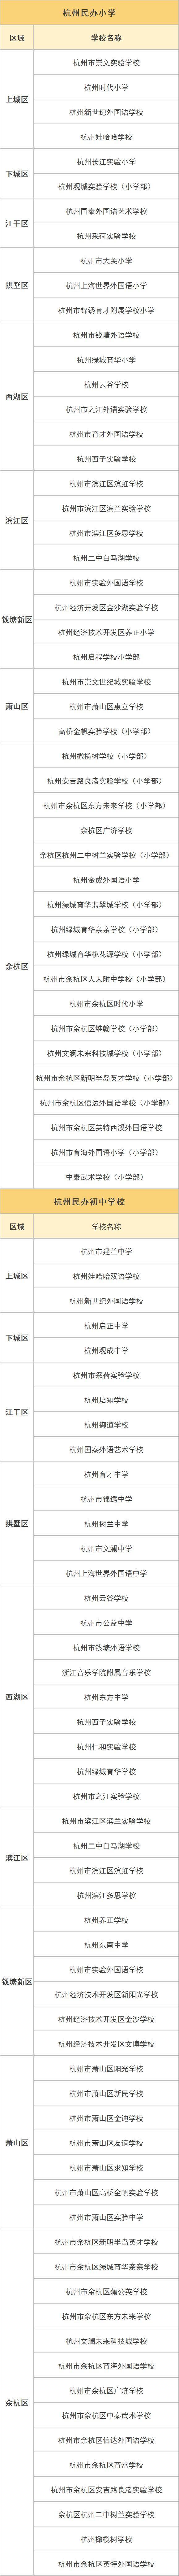 官宣  民办不得跨区域抢生源  杭州哪个区民办最强